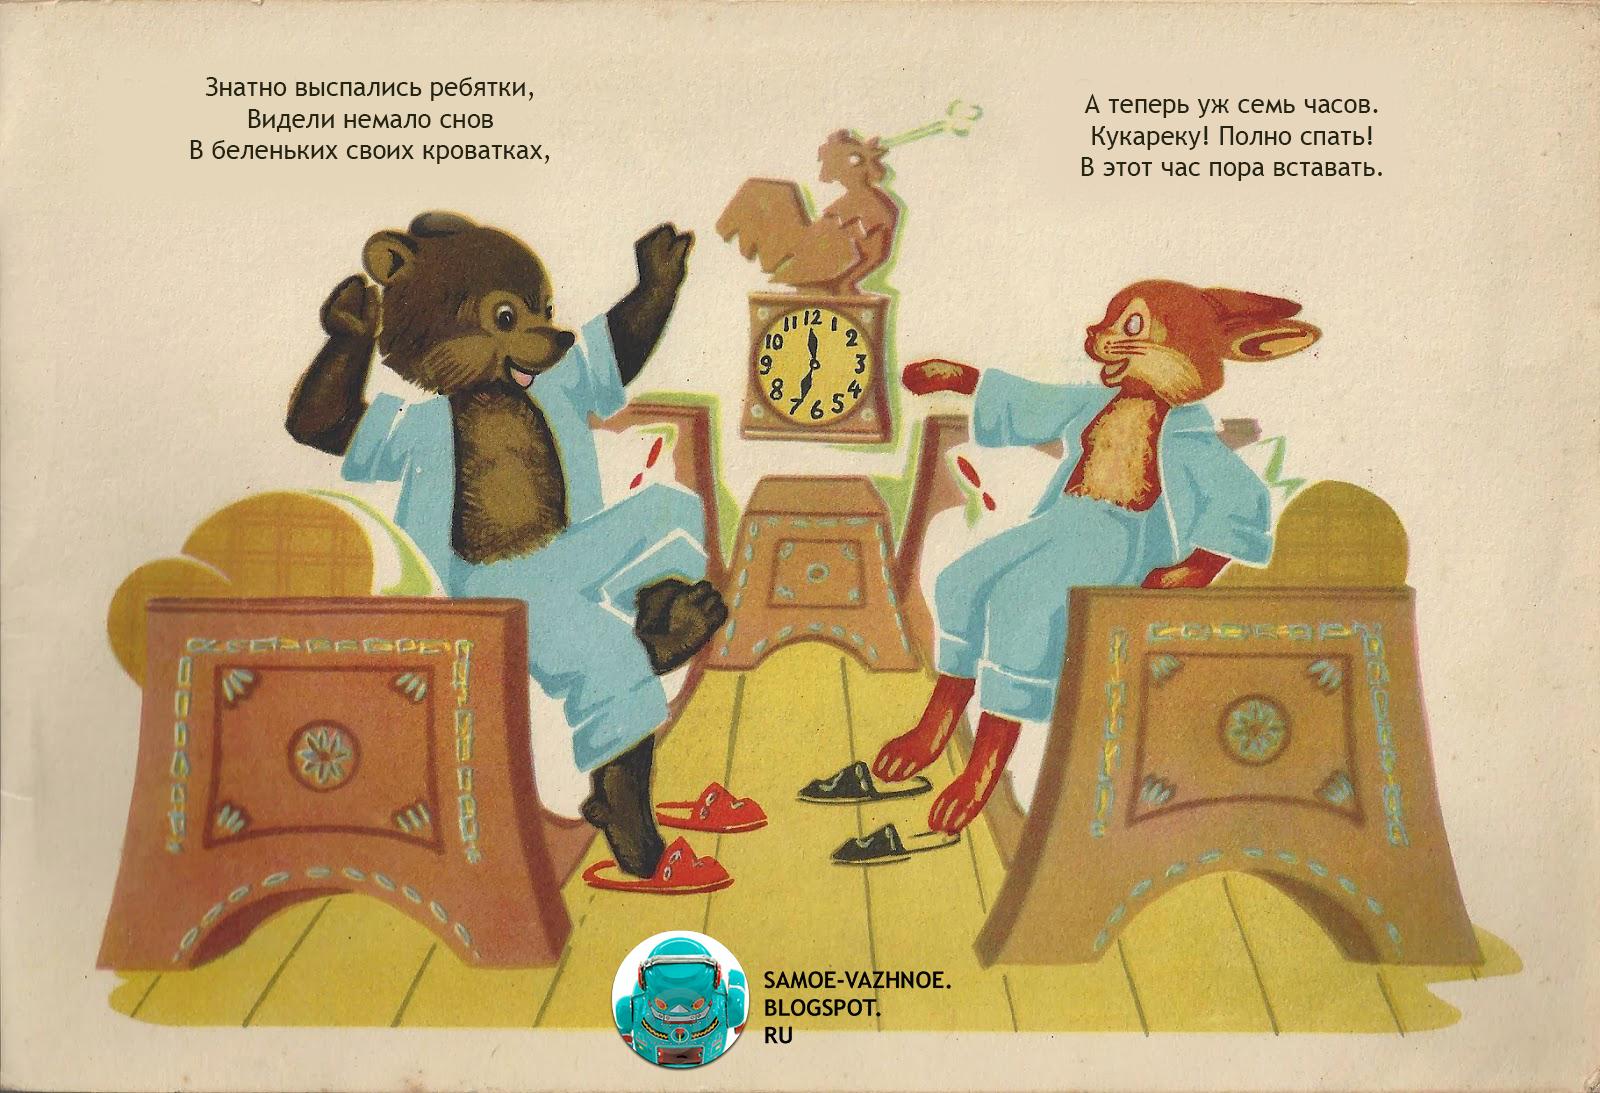 КНига стихи звери животные заяц медведь ёж как проходит день, чистят зубы, идут в школу, моются, чистят одежду, спят, гигиена